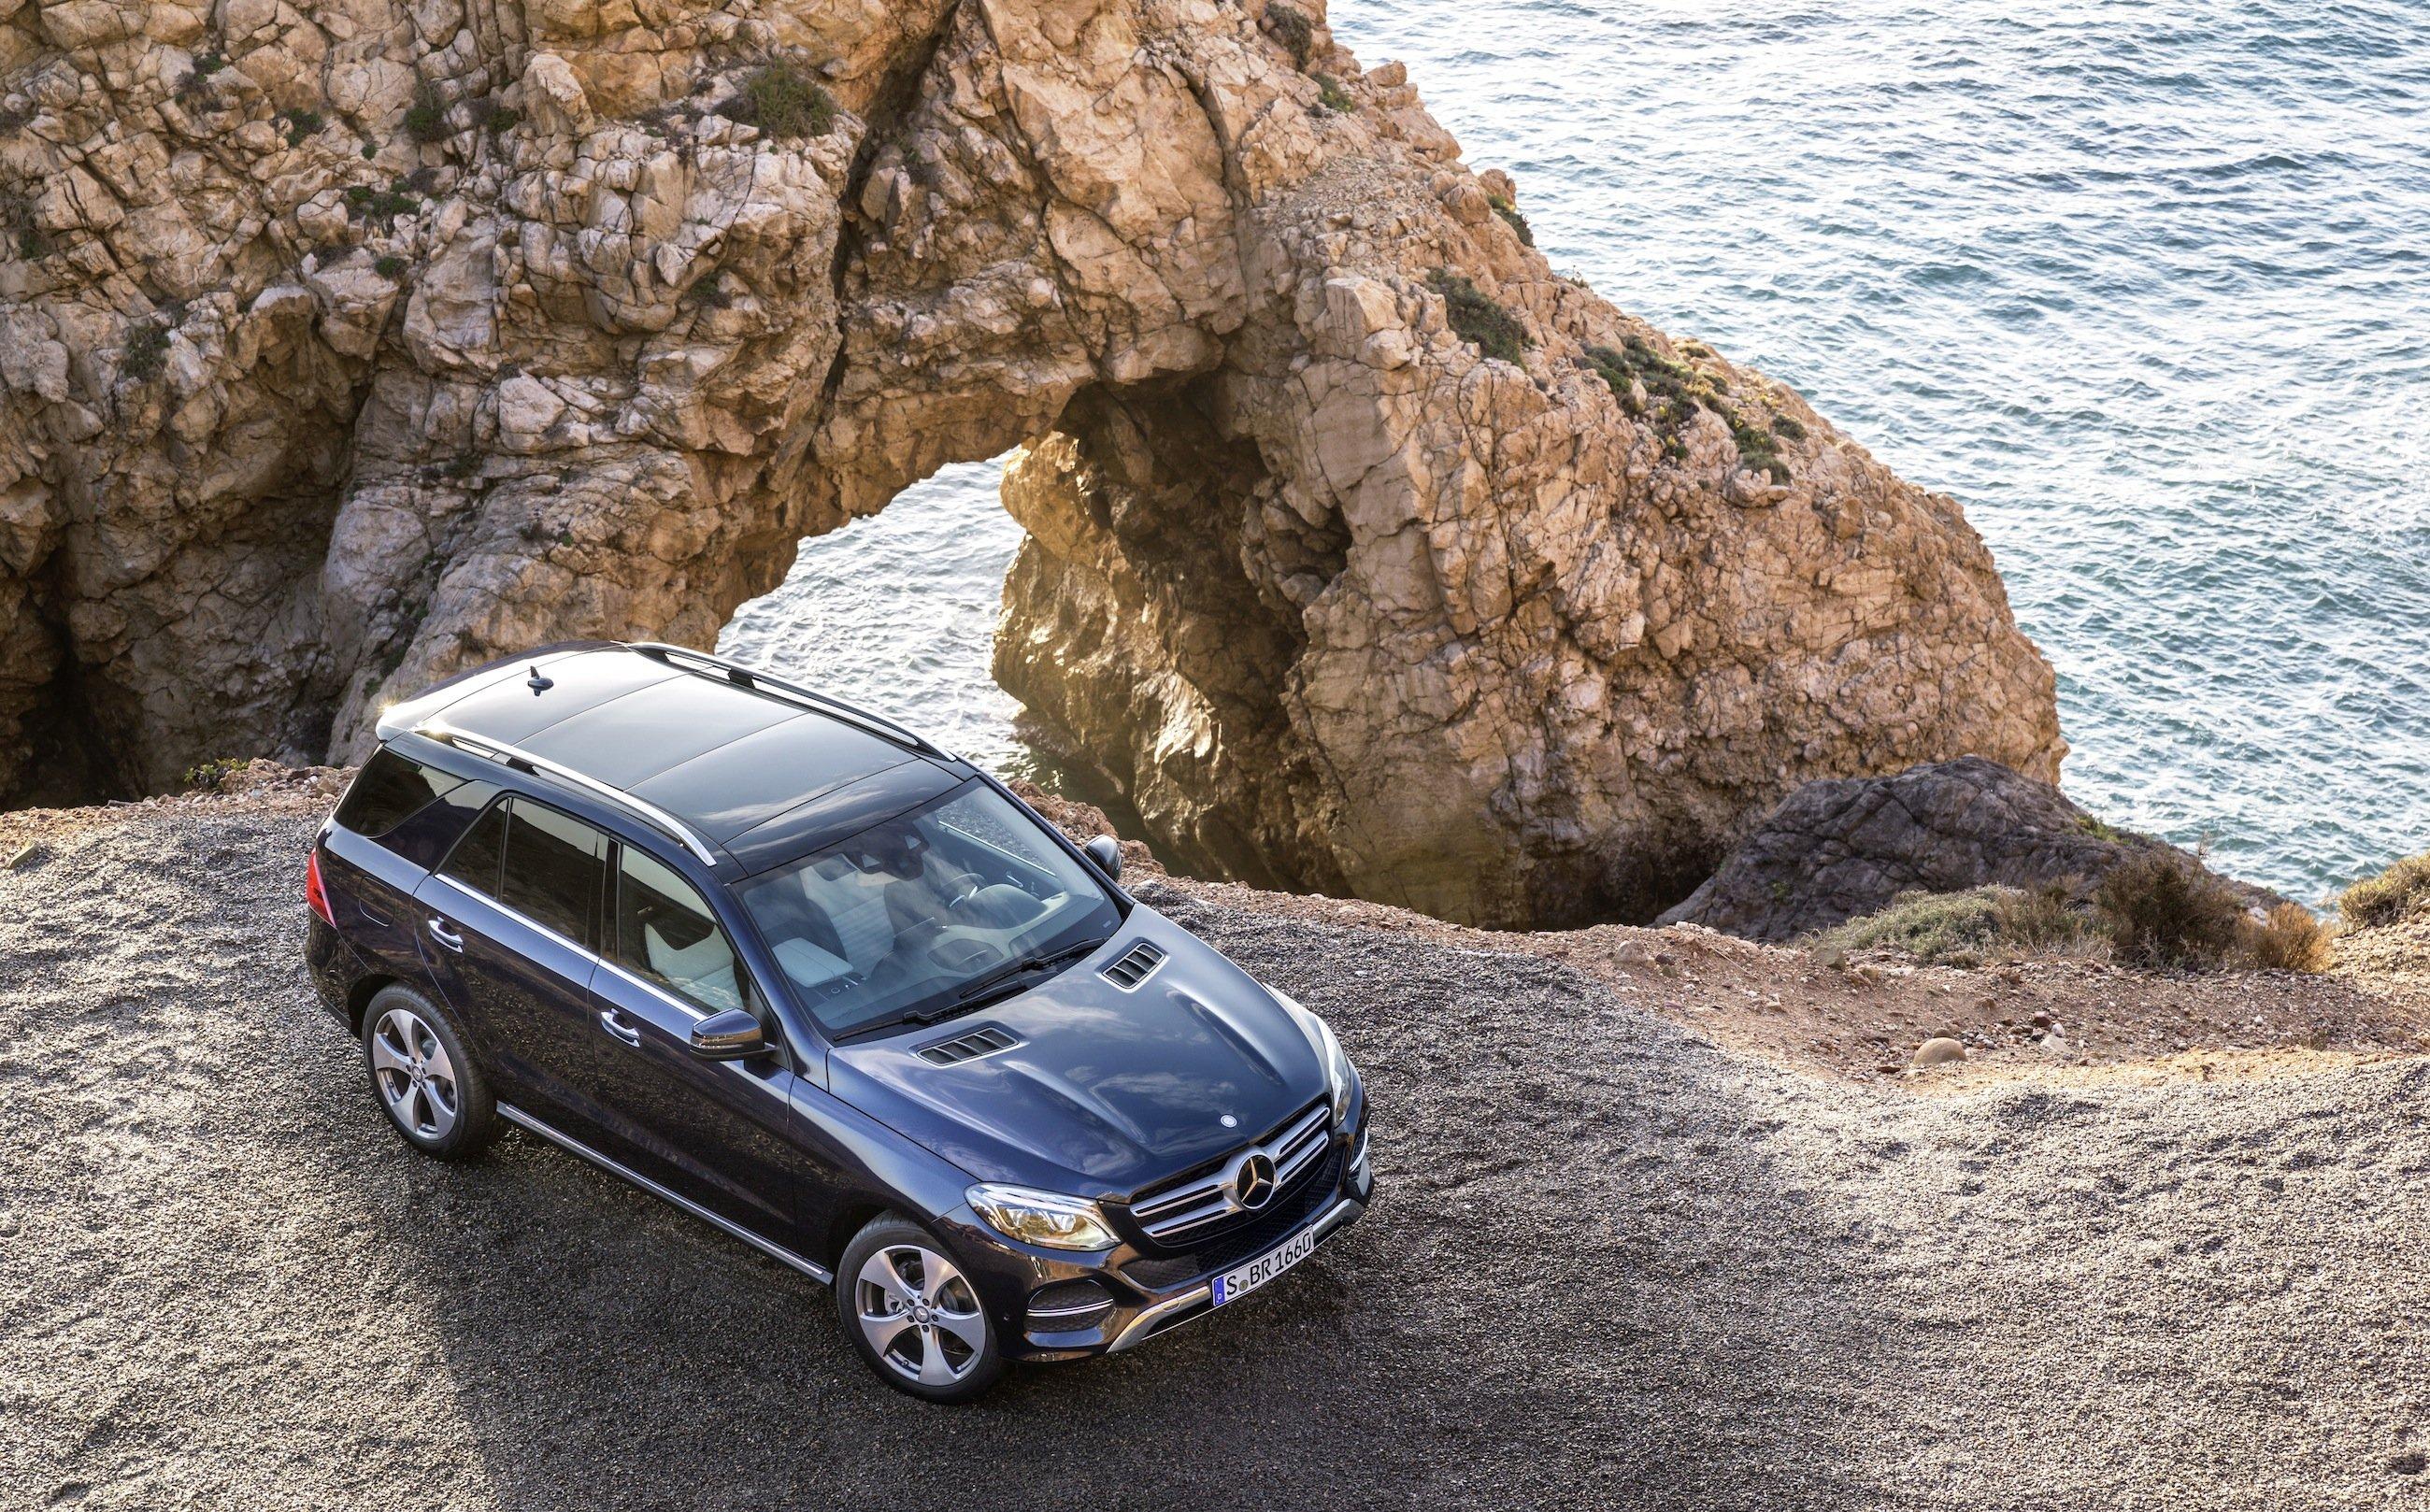 Der GLE, geparkt mit Blick aufs Meer: Als Hybrid soll der neue Mercedes GLE die Leistung eines V8-Motors mit dem Verbrauch eines Kleinwagens verbinden.